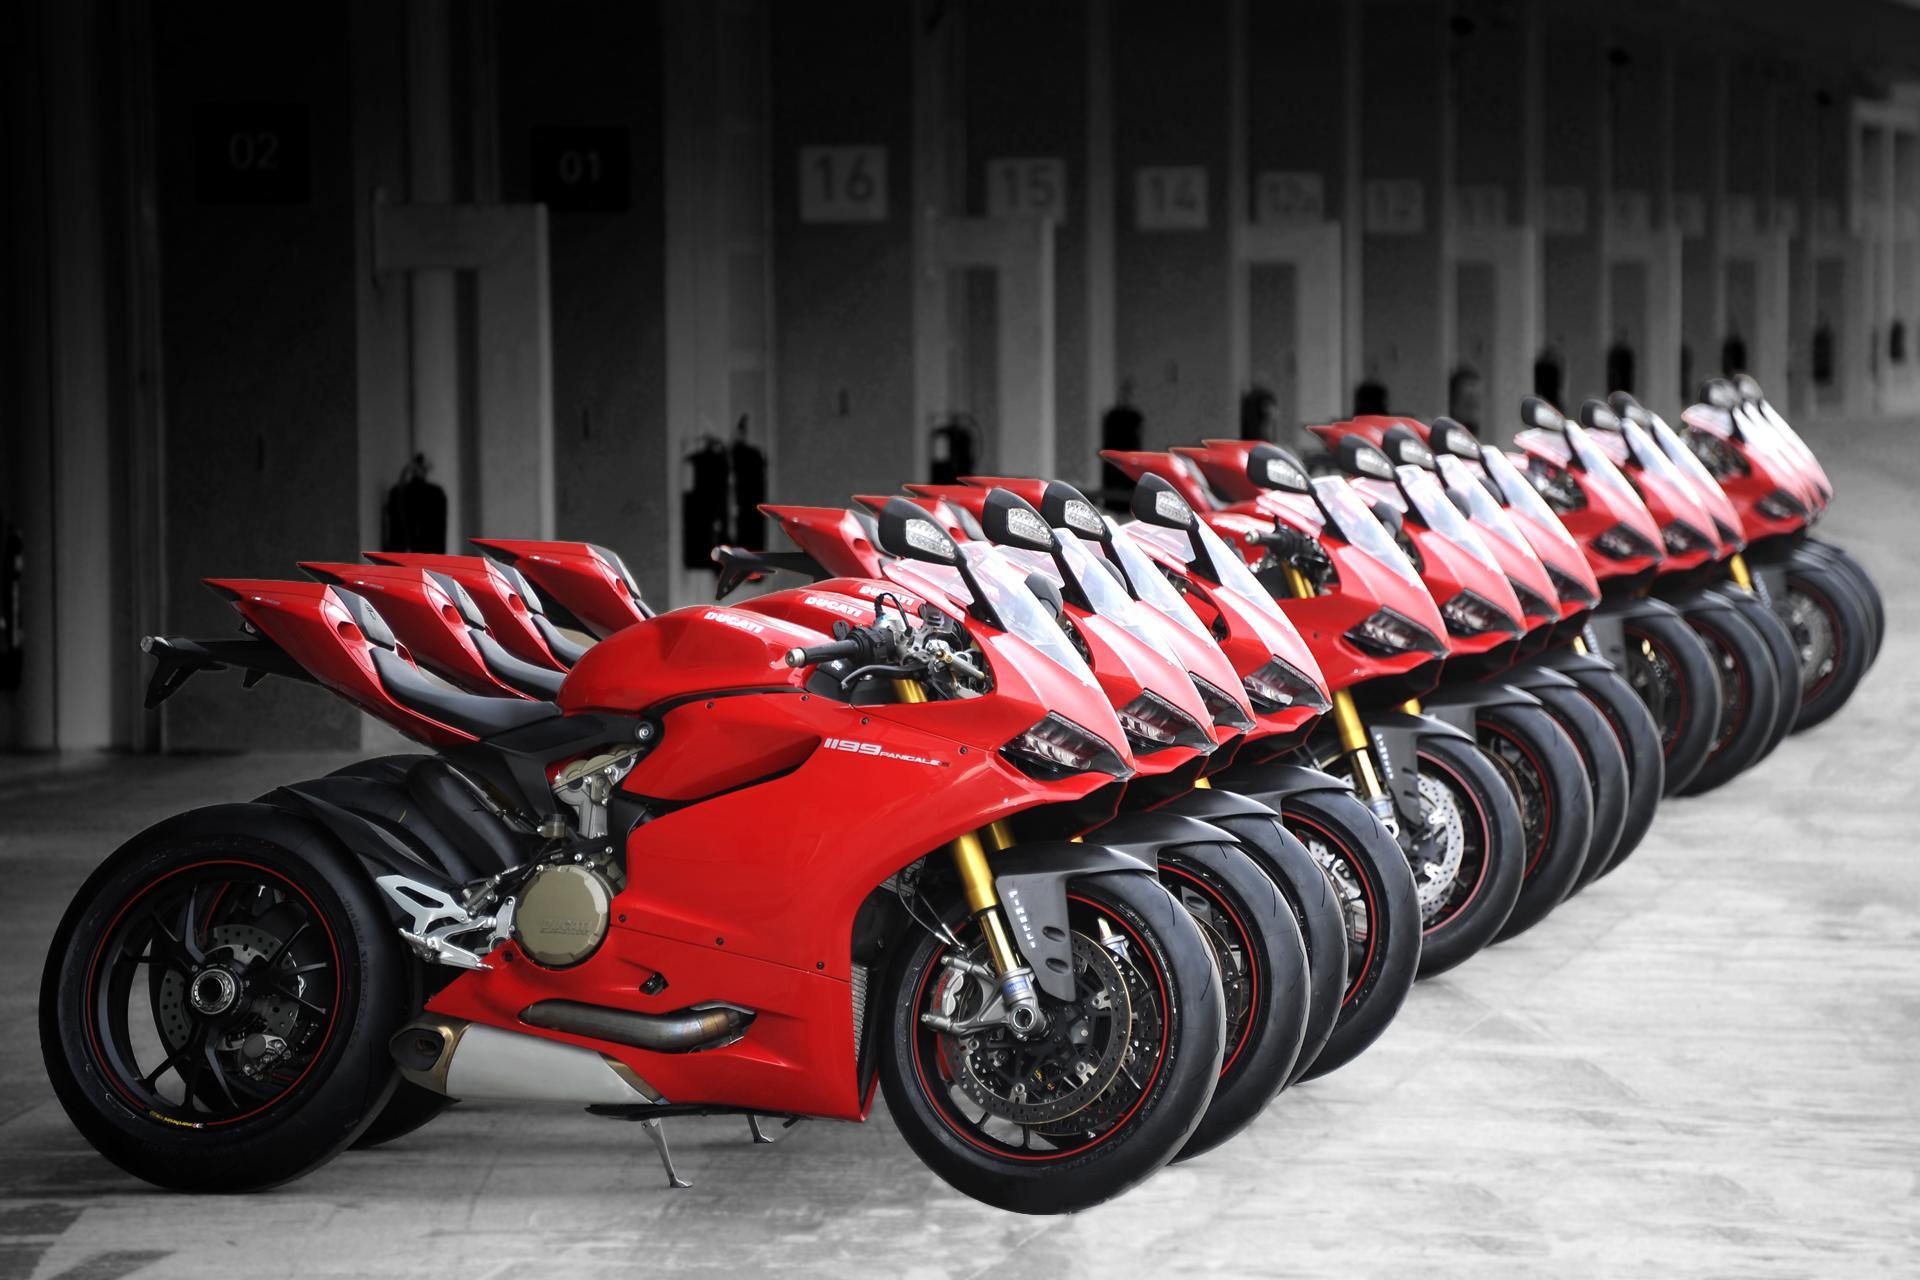 ducati panigale bikes desktop wallpaper 62173